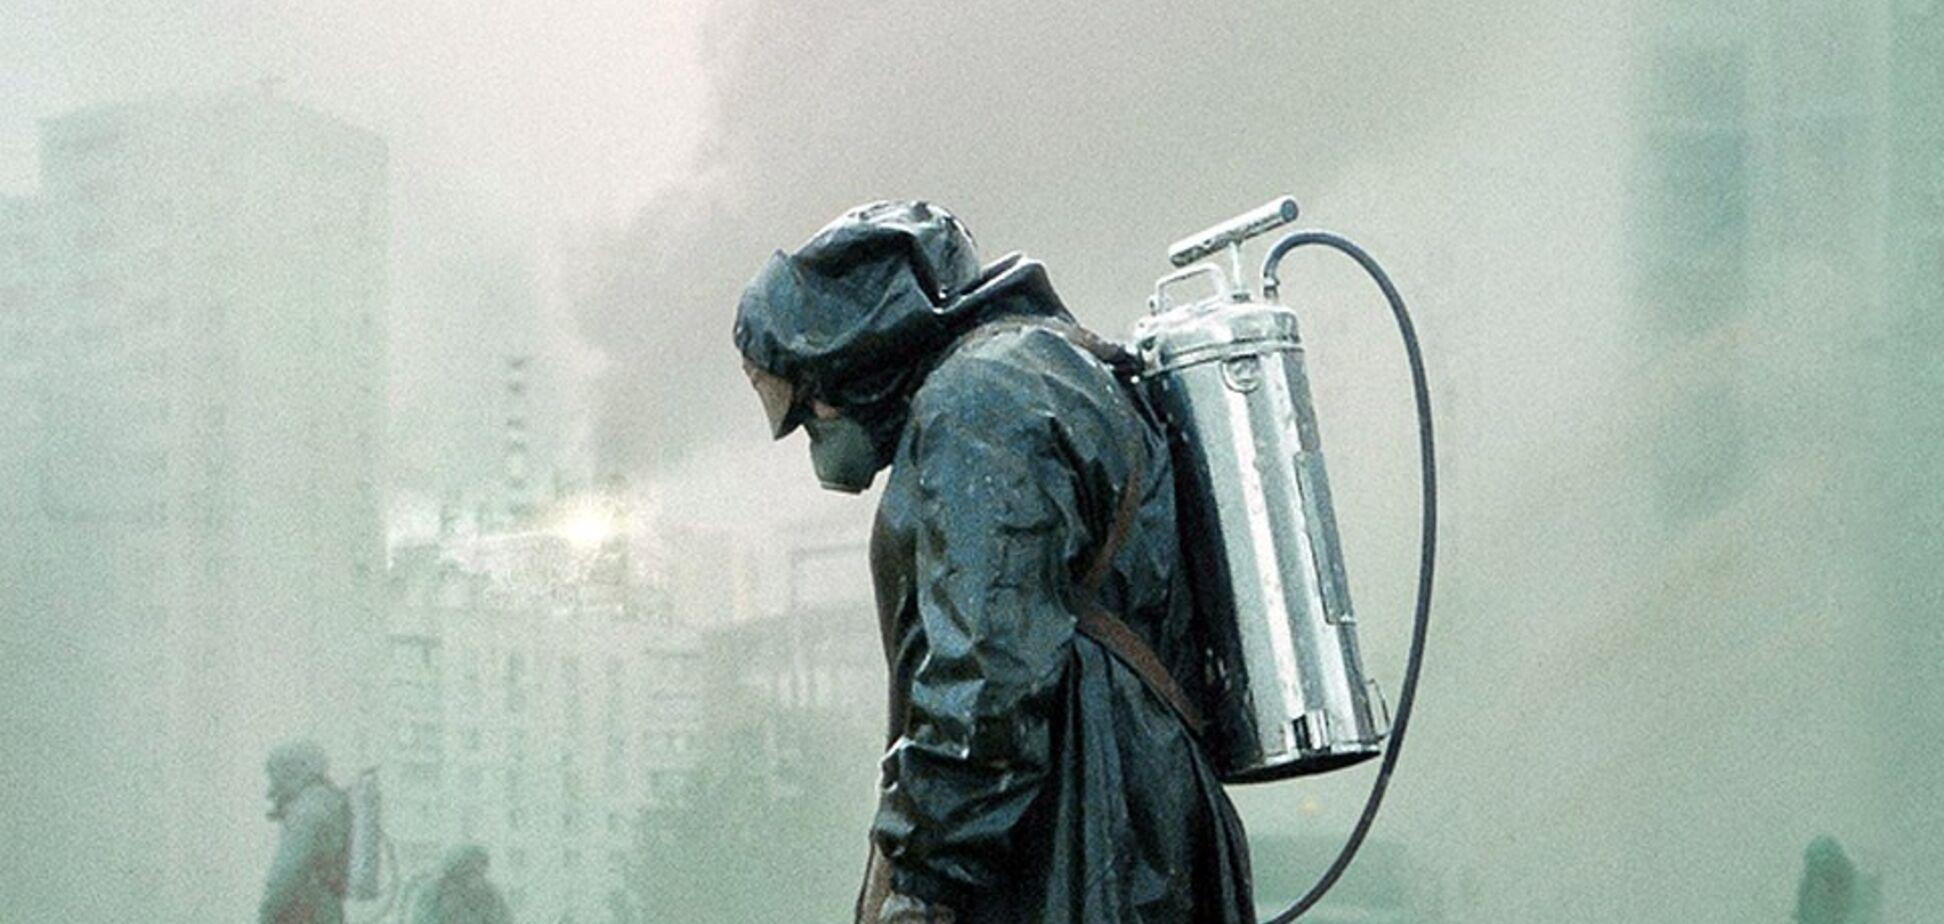 'Приедут миллионы': стало известно про шанс Украины из-за 'Чернобыля' от HBO